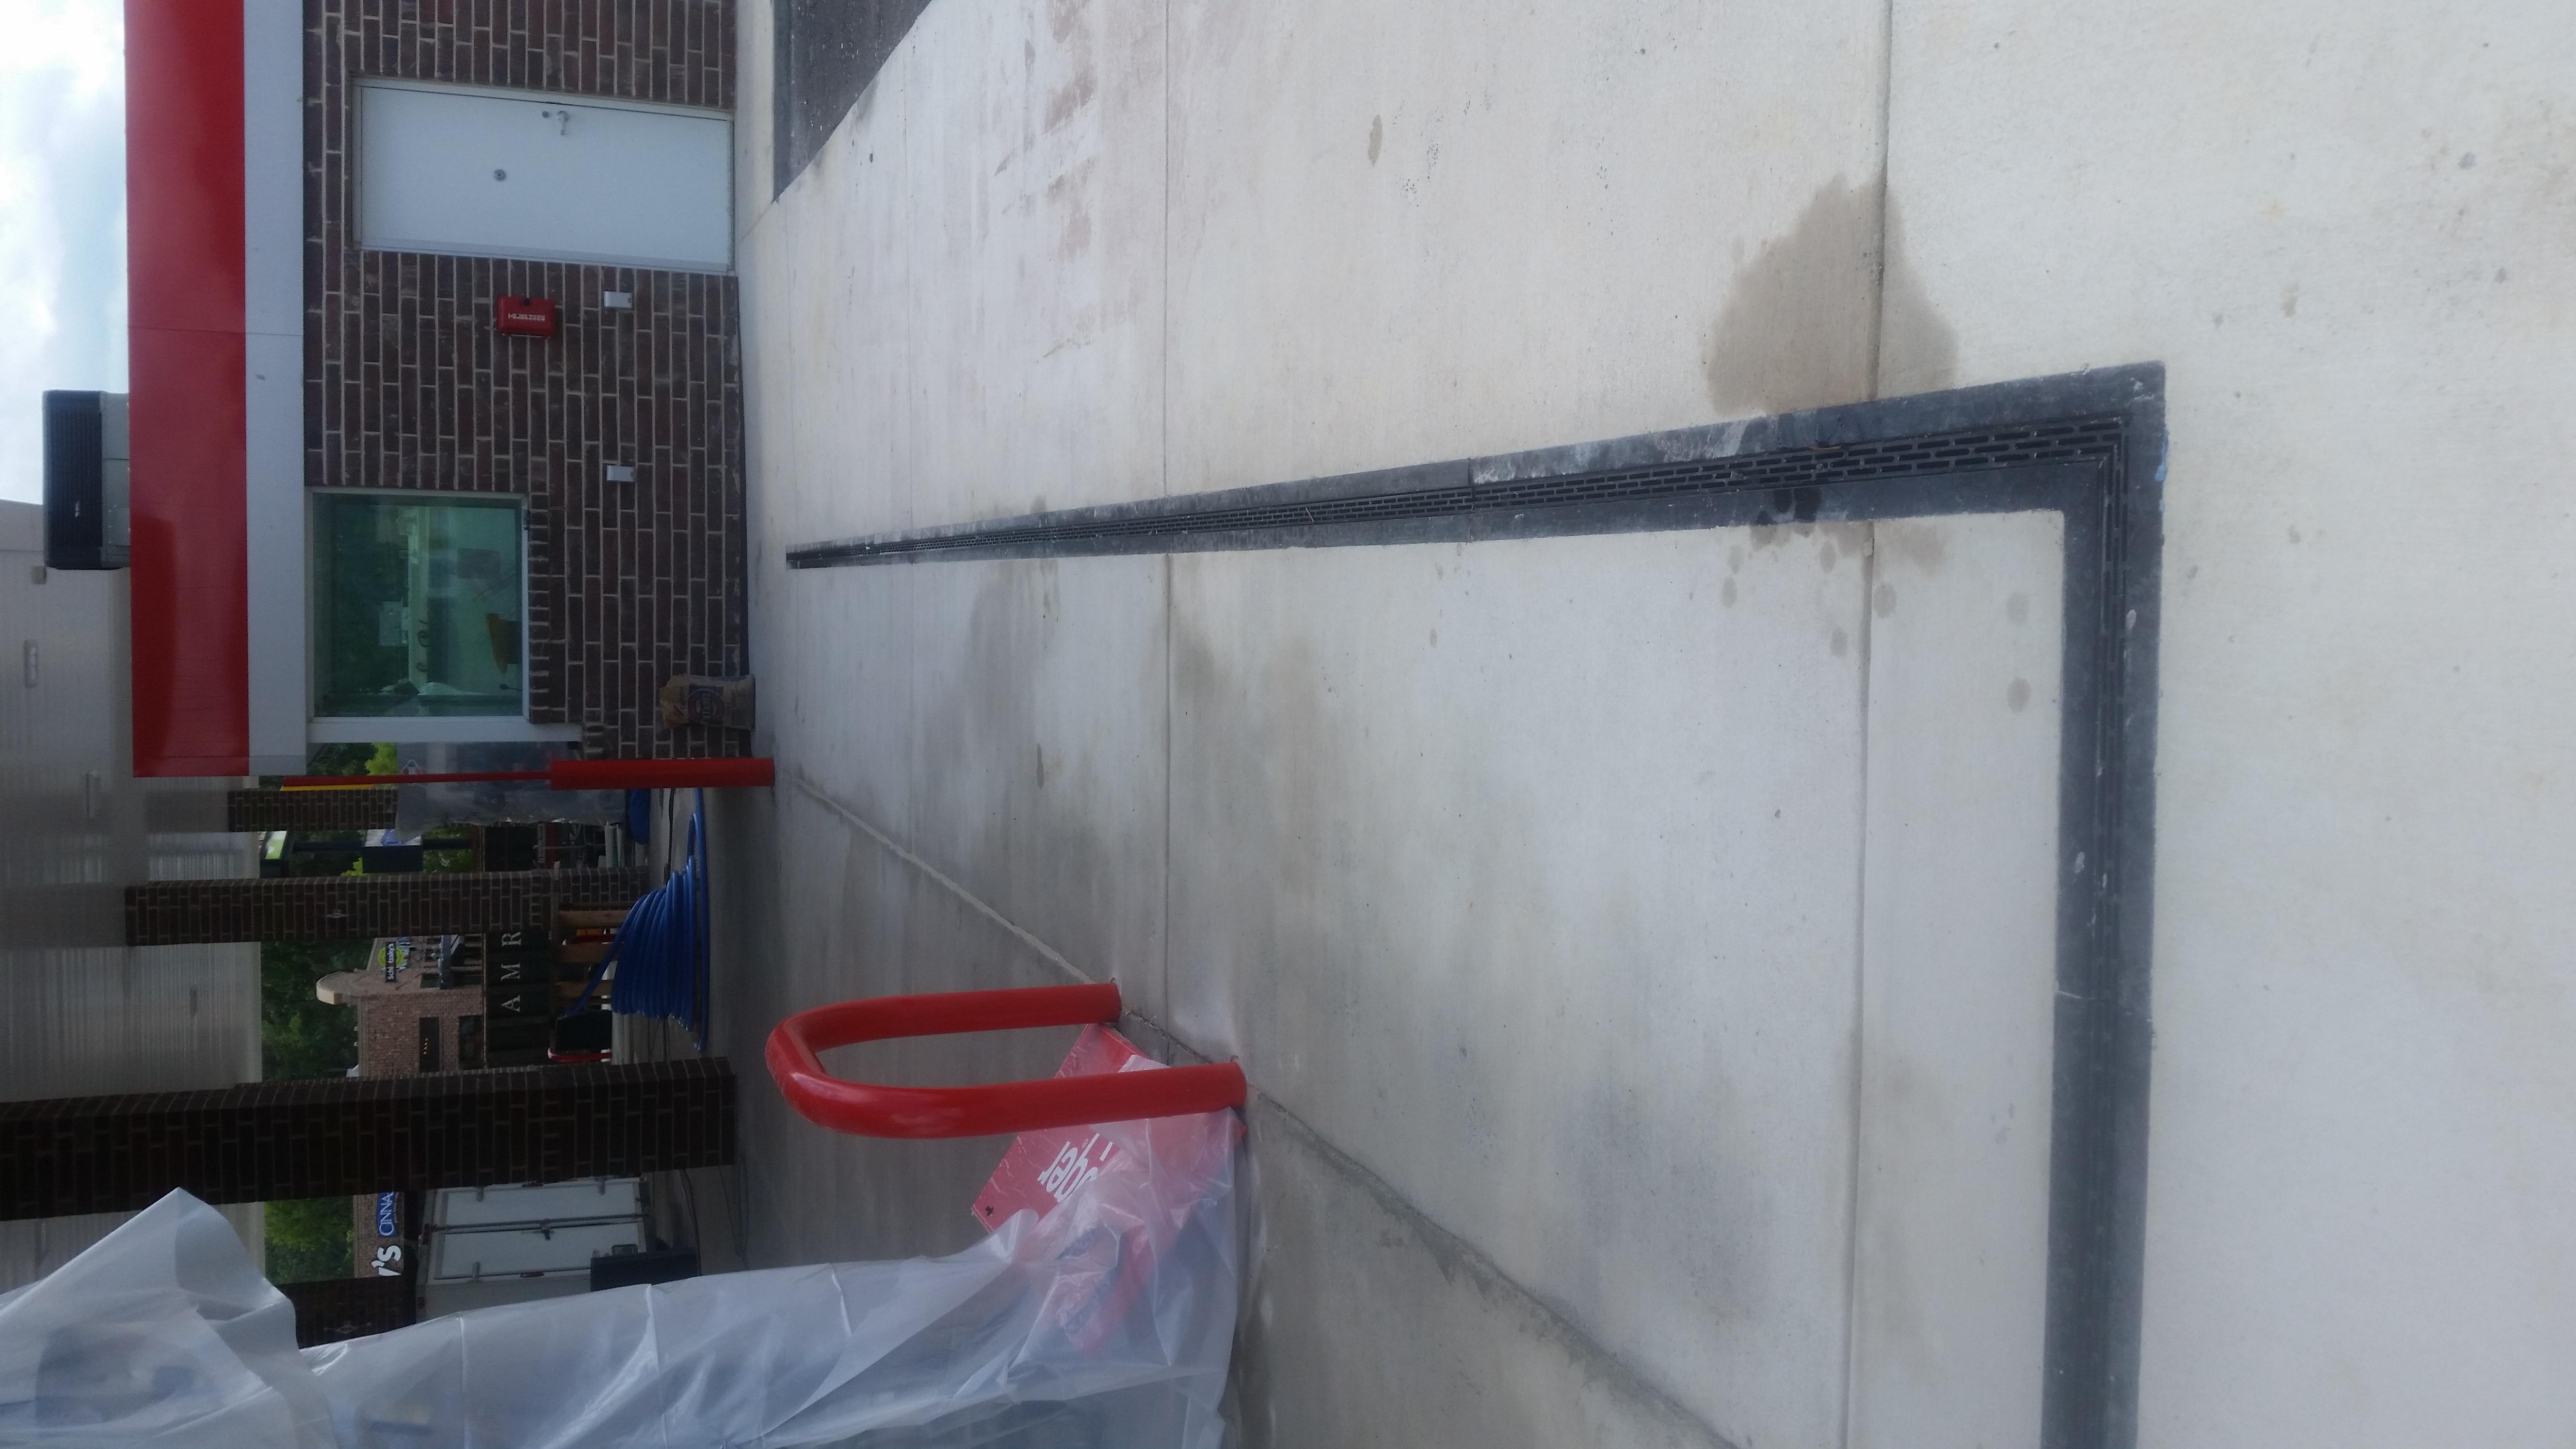 Heel proof slot drain